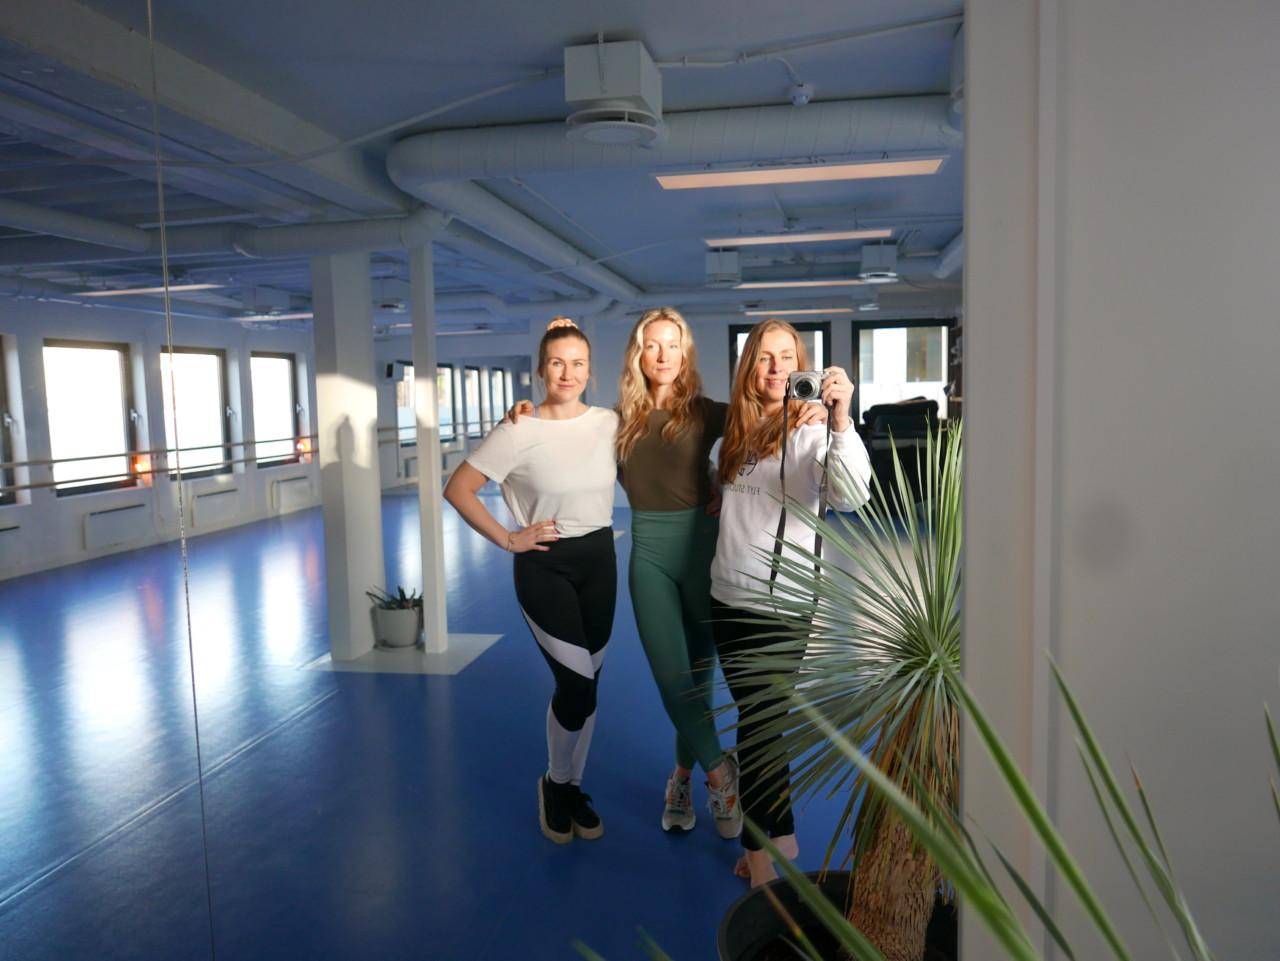 flyt-studio-grundere-nesodden-yoga-blue-room-green-house